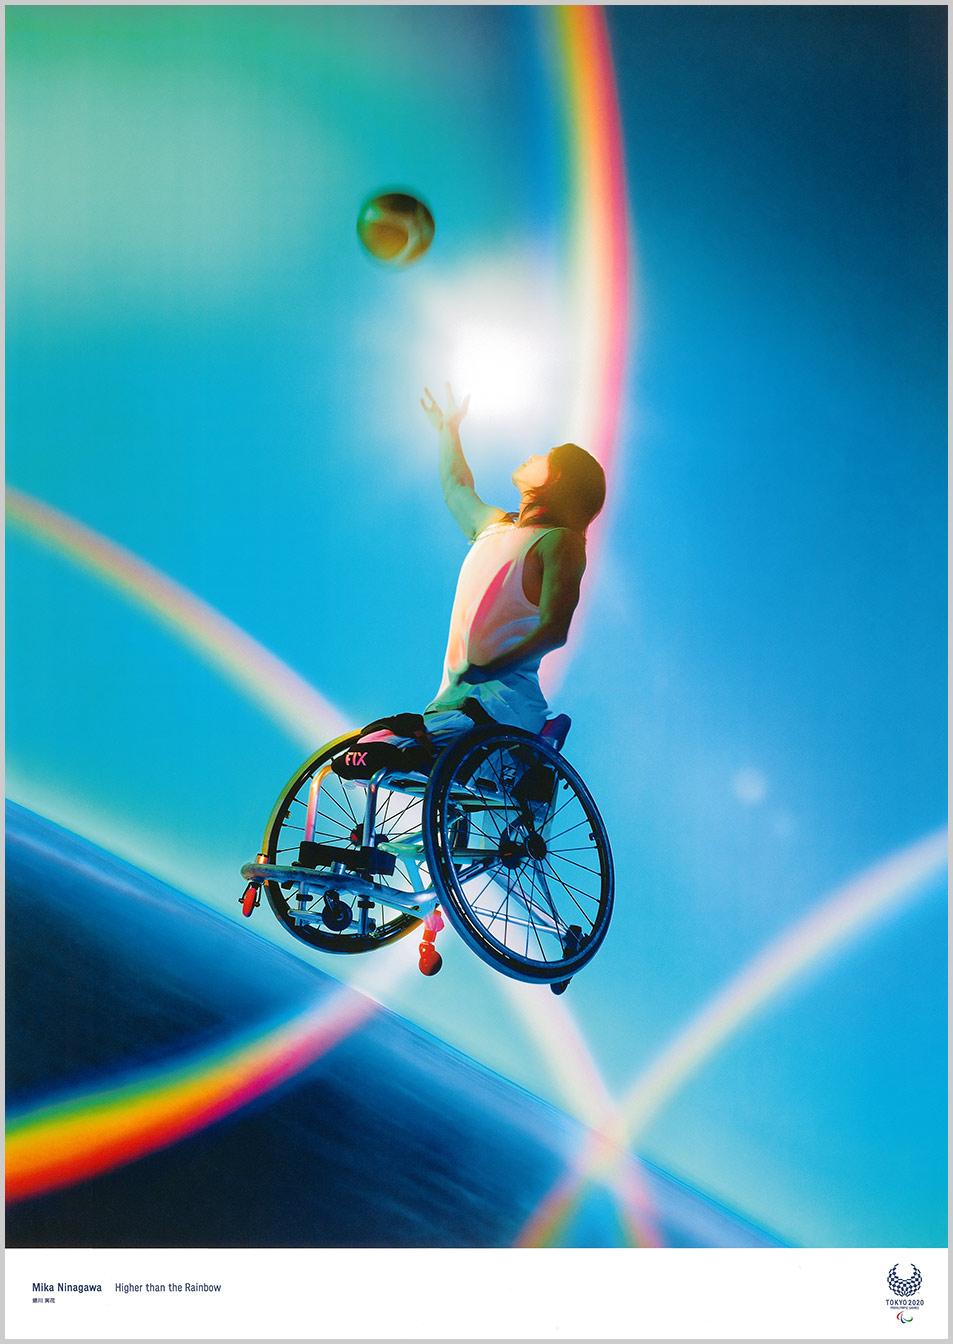 Mika Ninagawa (Fotógrafo / Diretor de cinema) Cartazes oficiais para os Jogos Olímpicos Tóquio 2020